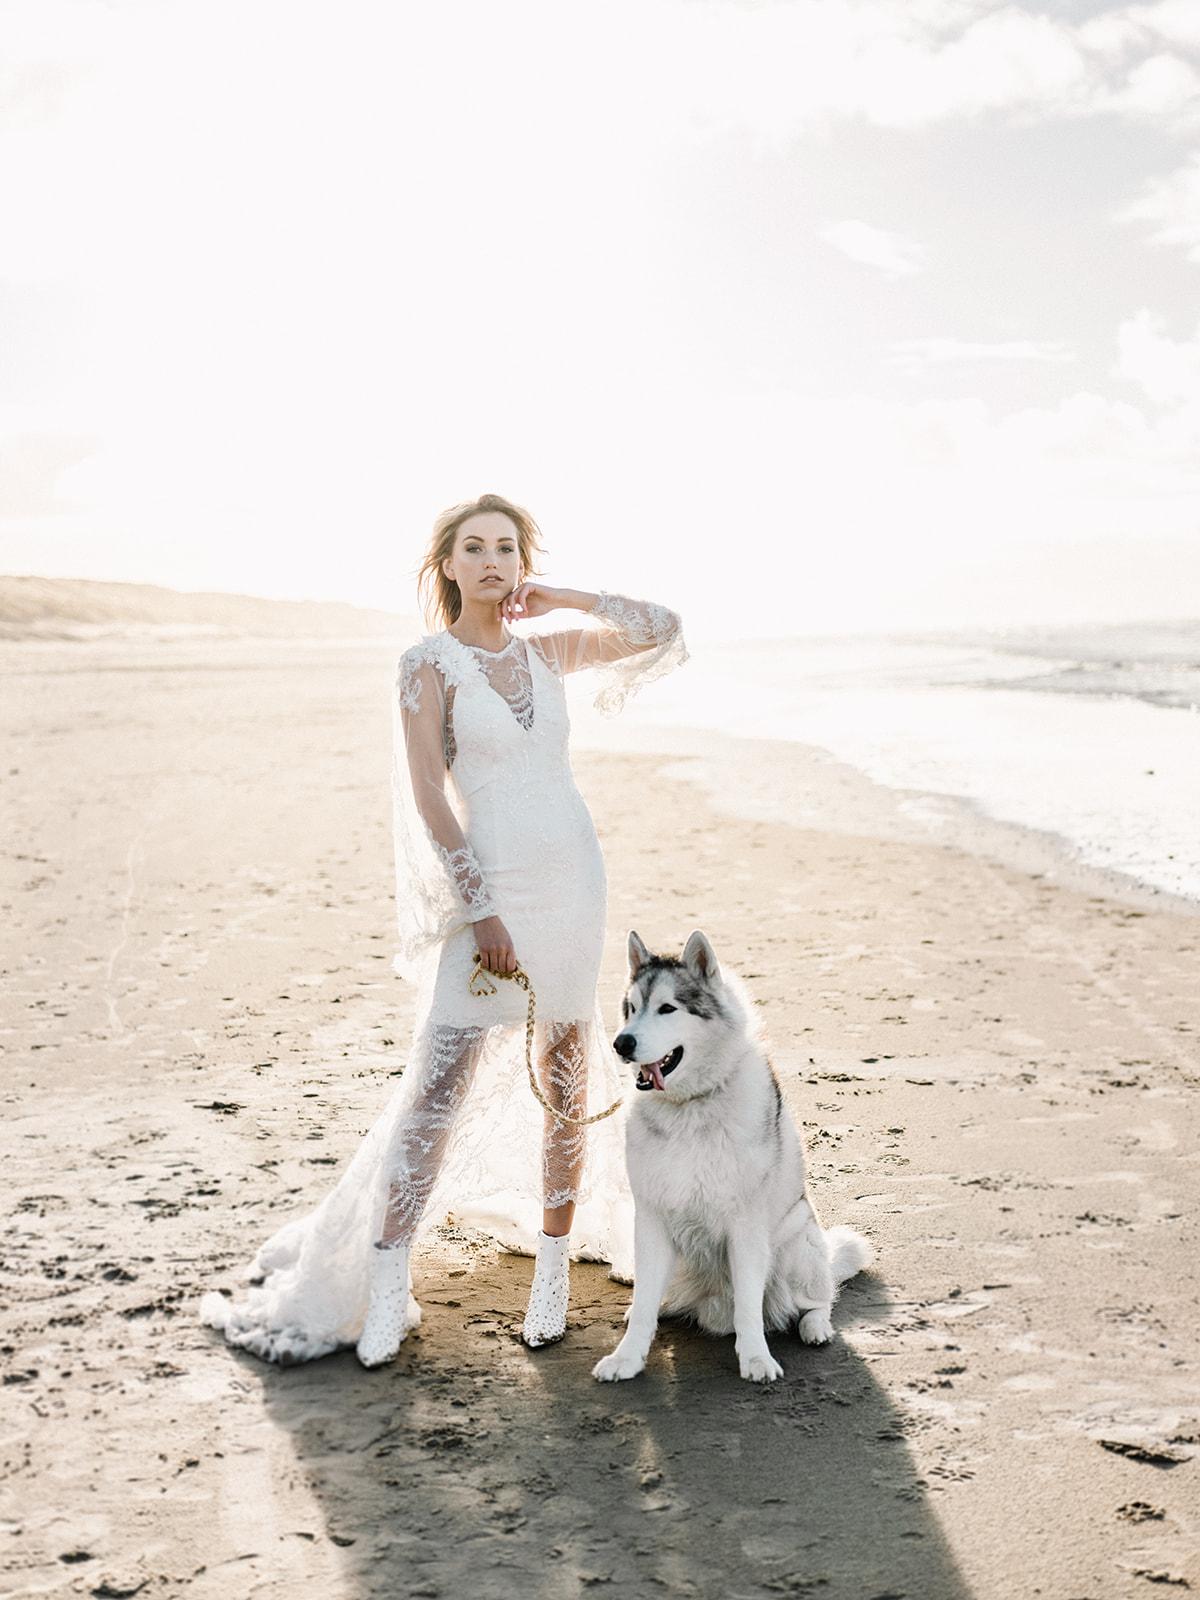 Hanneke Peters Couture Fotografie Raisa Zwart MUA Esther van t Zelfde Hoed Matelot Hoeden, Model Marieke Blom, Modellenbureau DC Models